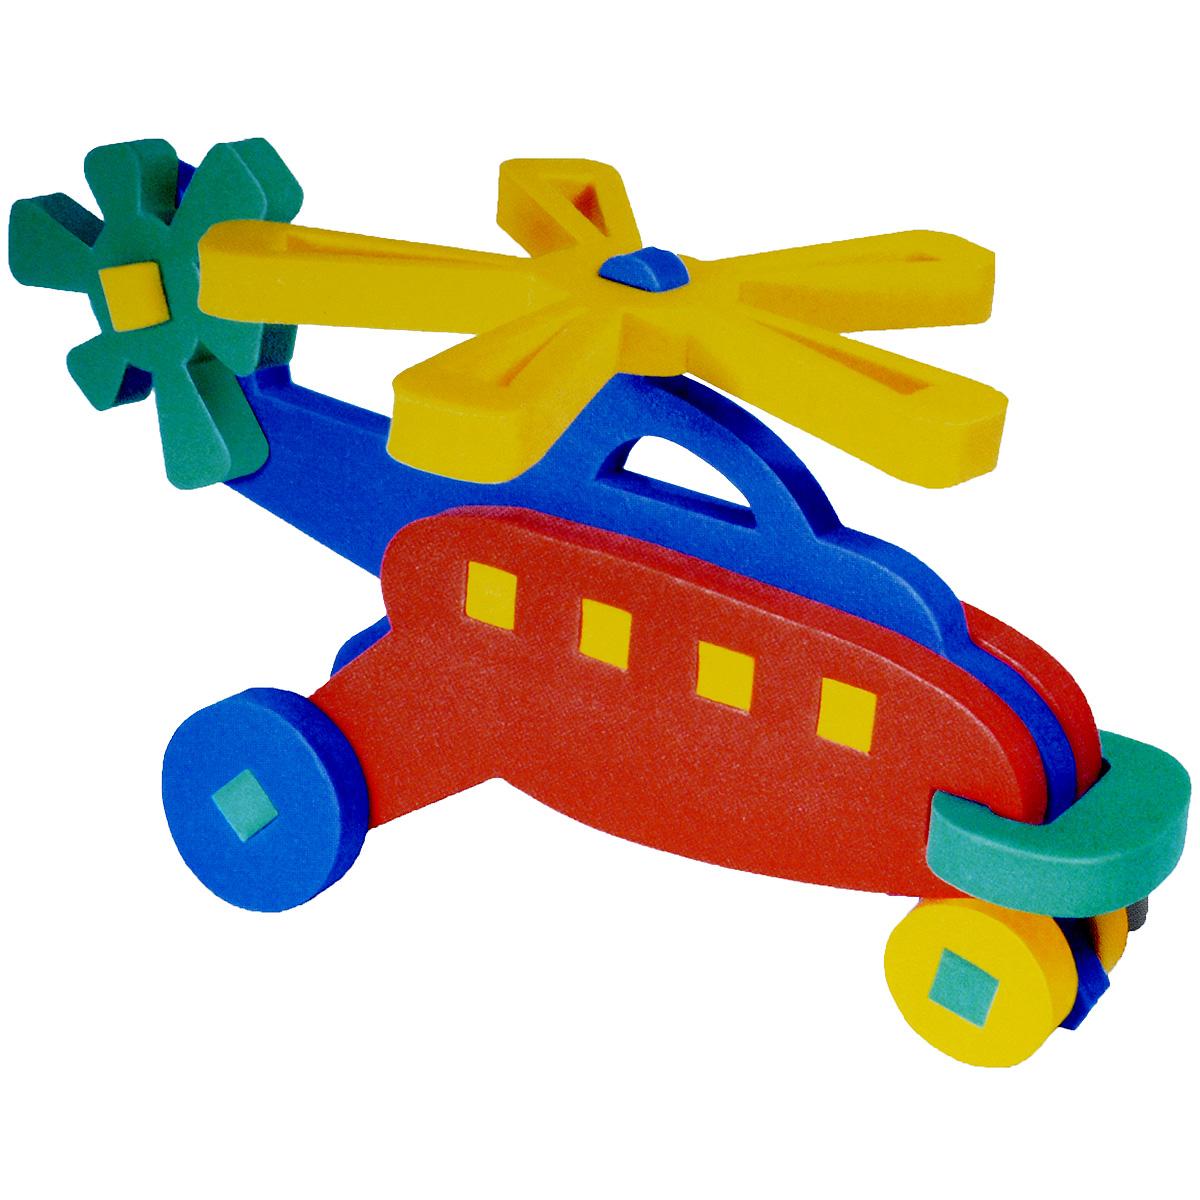 Флексика Мягкий конструктор Вертолетик45366Мозаики и конструкторы настолько универсальны и практичны, что с ними можно играть практически везде. Для производства игрушек используется современный, легкий, эластичный, прочный материал, который обеспечивает большую долговечность игрушек, и главное является абсолютно безопасным для детей. К тому же, благодаря особой структуре материала и свойству прилипать к мокрой поверхности, мягкие конструкторы и мозаики являются идеальной игрушкой для ванны. Способствует развитию у ребенка мелкой моторики, образного и логического мышления, наблюдательности. Производственная фирма `Тедико` зарекомендовала себя на рынке отечественных товаров как производитель высококачественных конструкторов и мозаик серии `Флексика`. Богатый ассортимент включает в себя игрушки для малышей и детей старшего возраста. УВАЖАЕМЫЕ КЛИЕНТЫ! Обращаем ваше внимание на возможные изменения в дизайне, связанные с ассортиментом продукции: цвет изделия или отдельных деталей может...